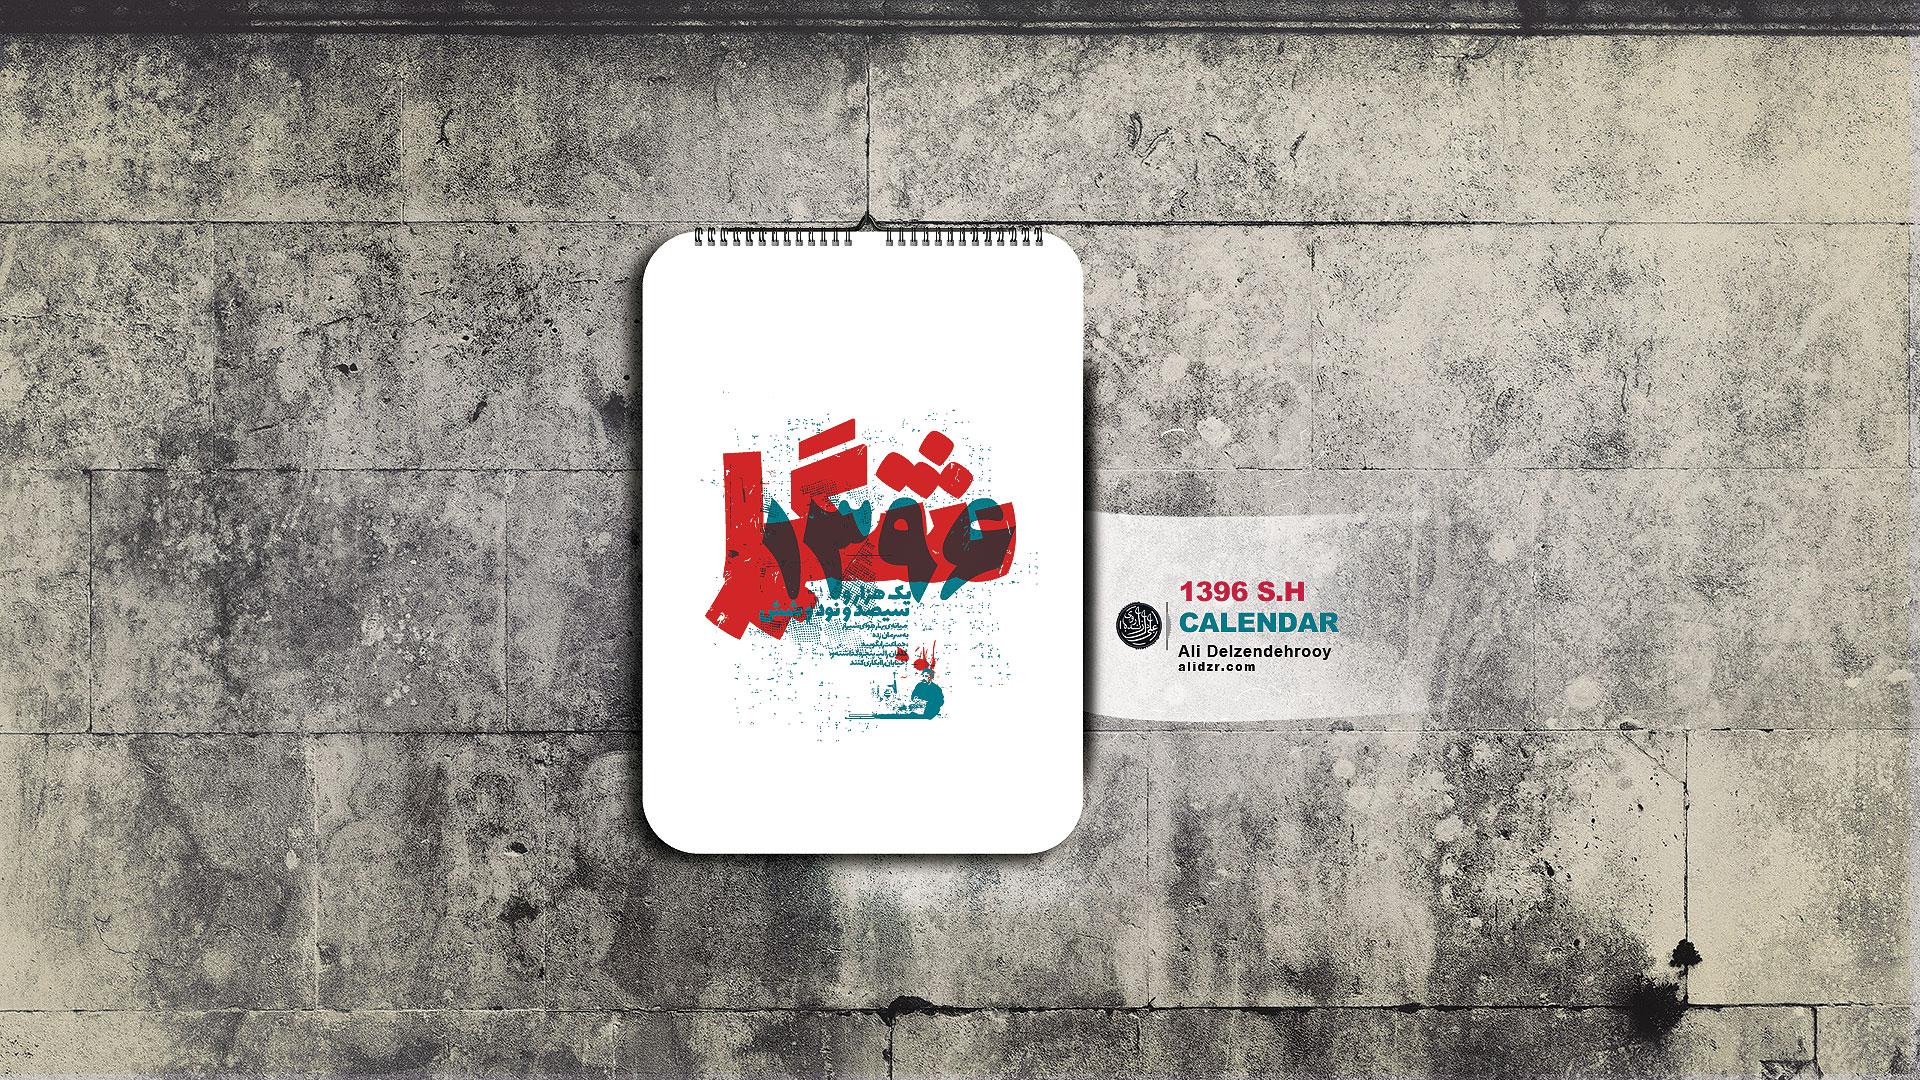 typography,graphic,design,art,Qajar,iranian,alidelzendehrooy,duotone,گرافیک،قاجار،طراحی،علی دل زنده روی